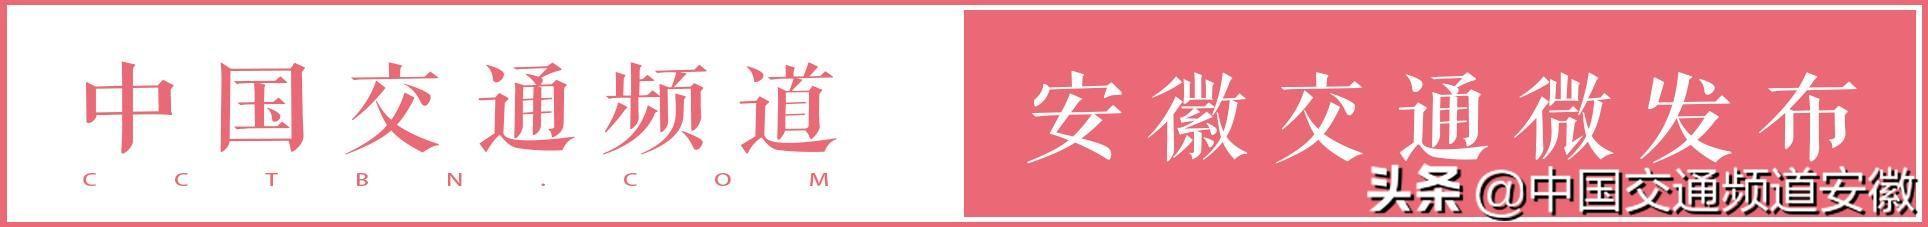 10月28日起合肥可直飞香港啦!